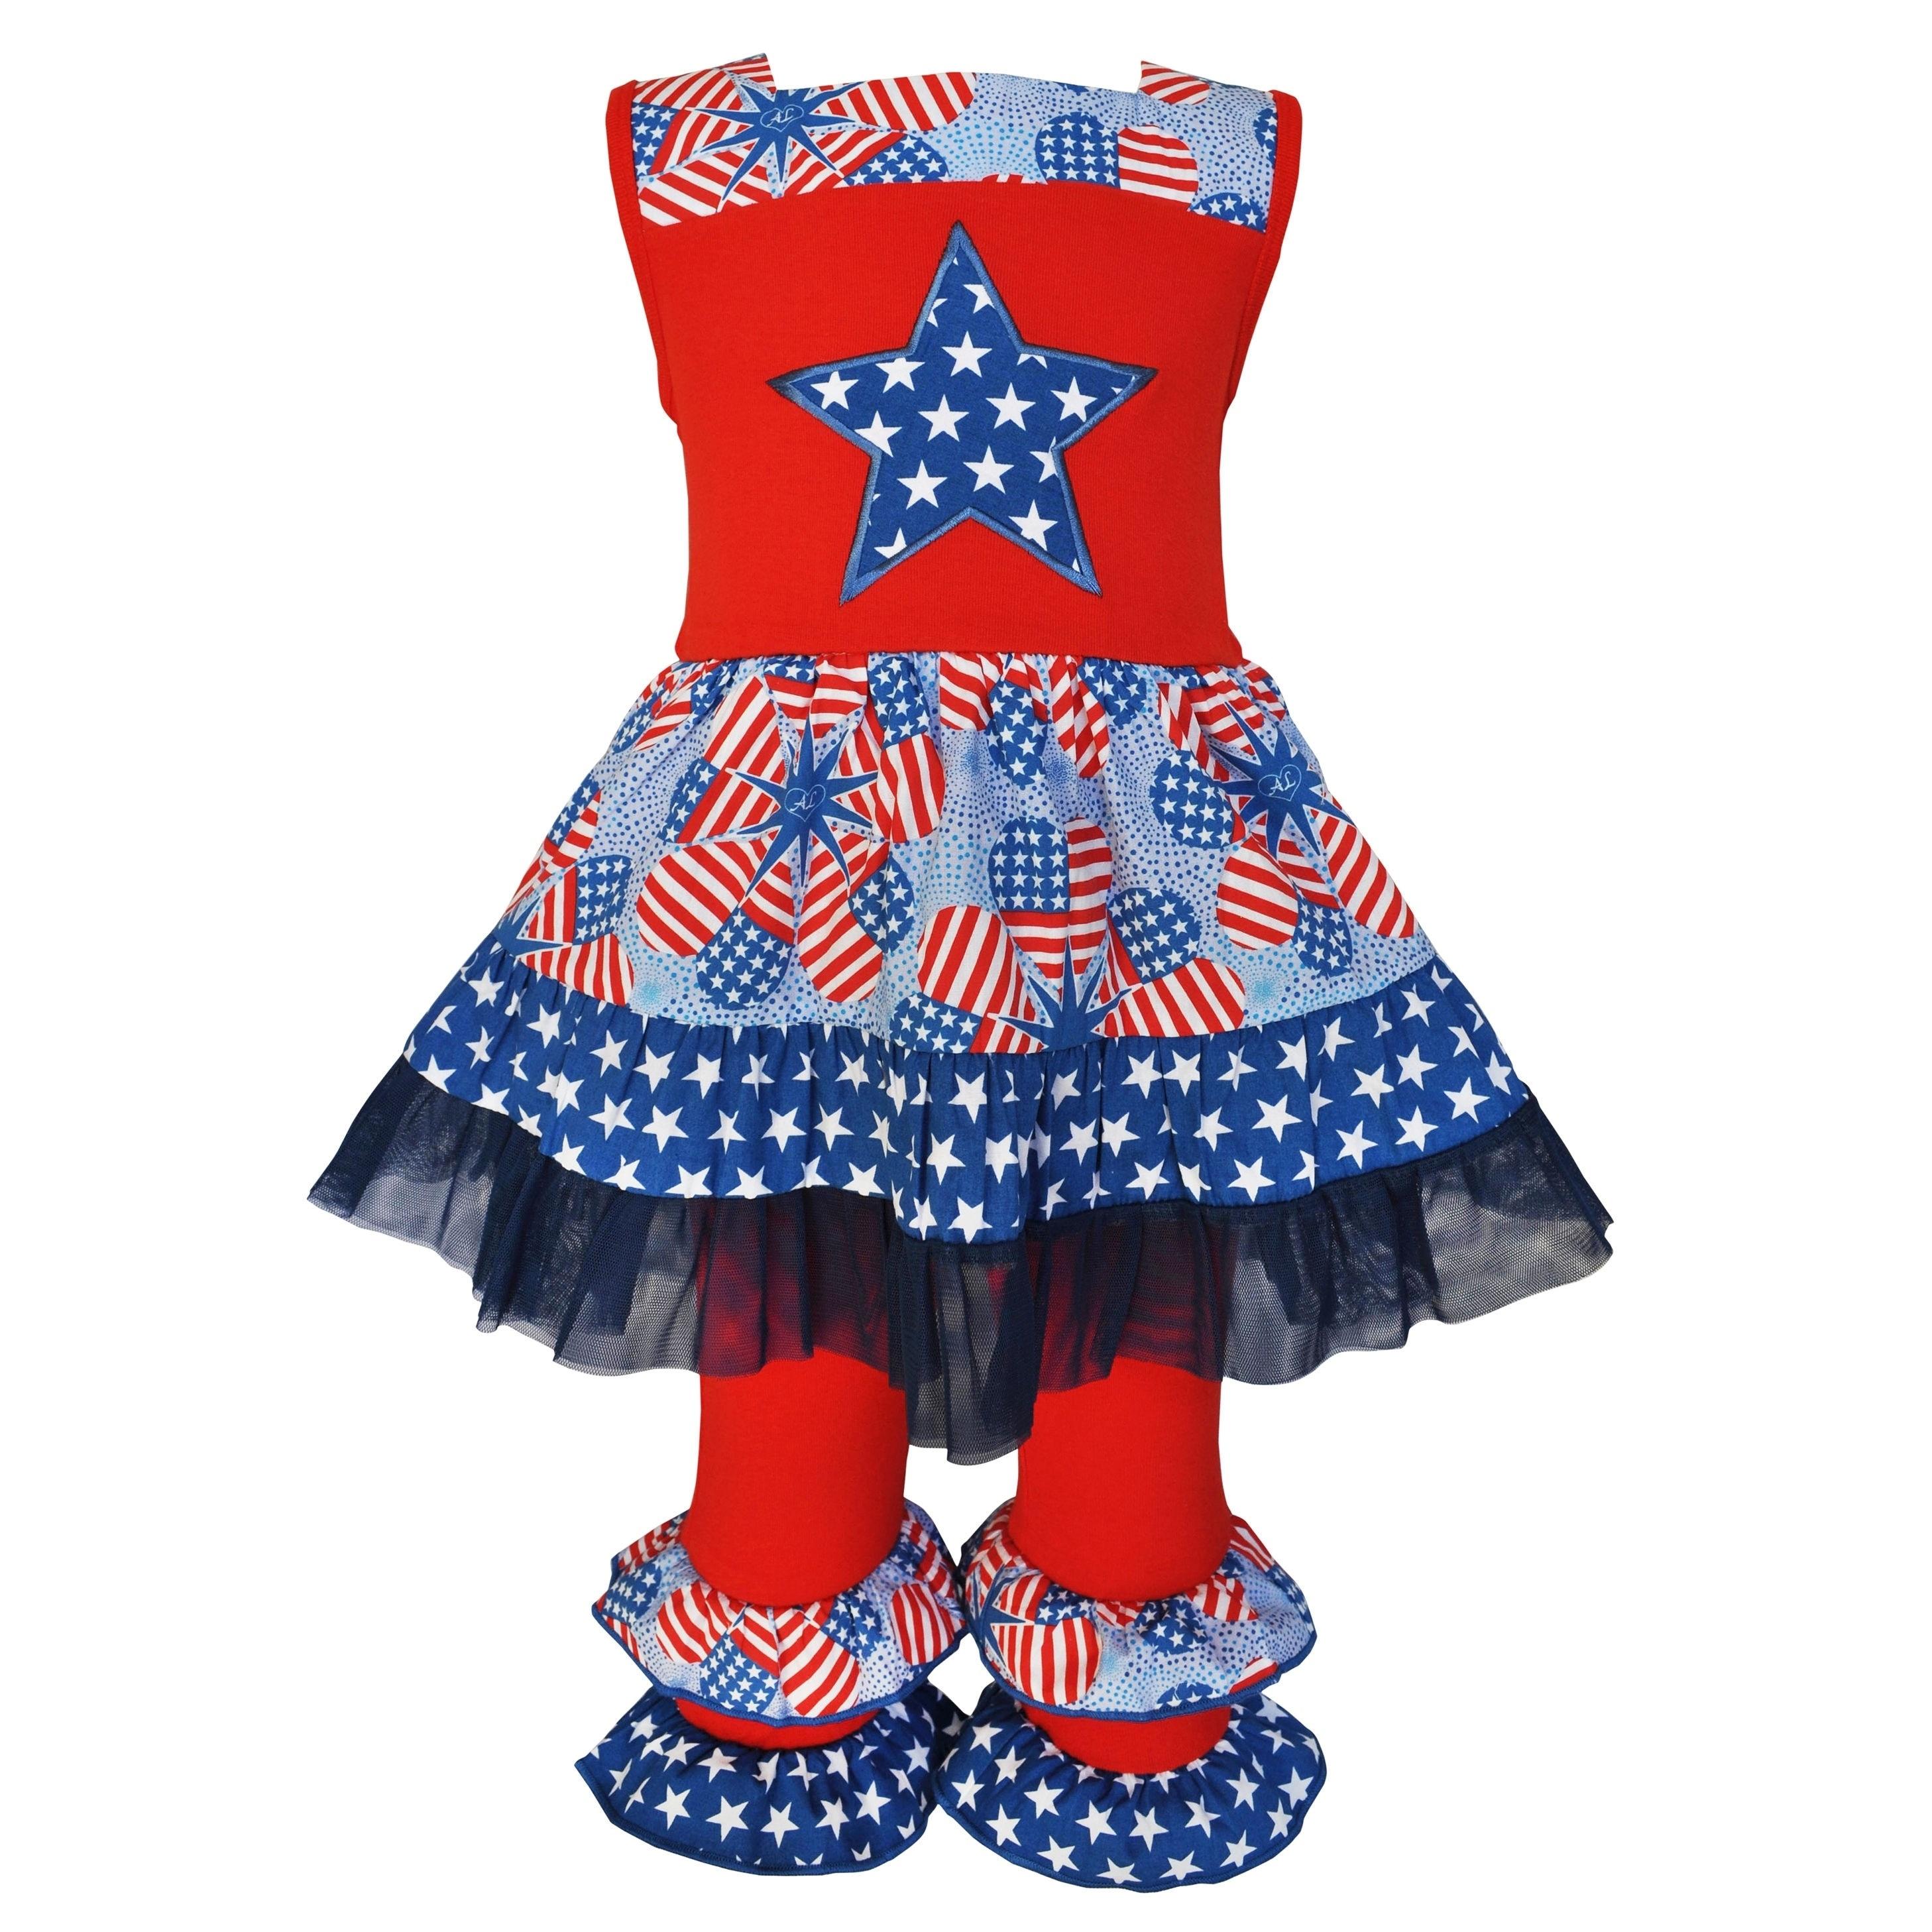 AnnLoren AnnLoren Girls' Boutique 4th of July Patriotic S...